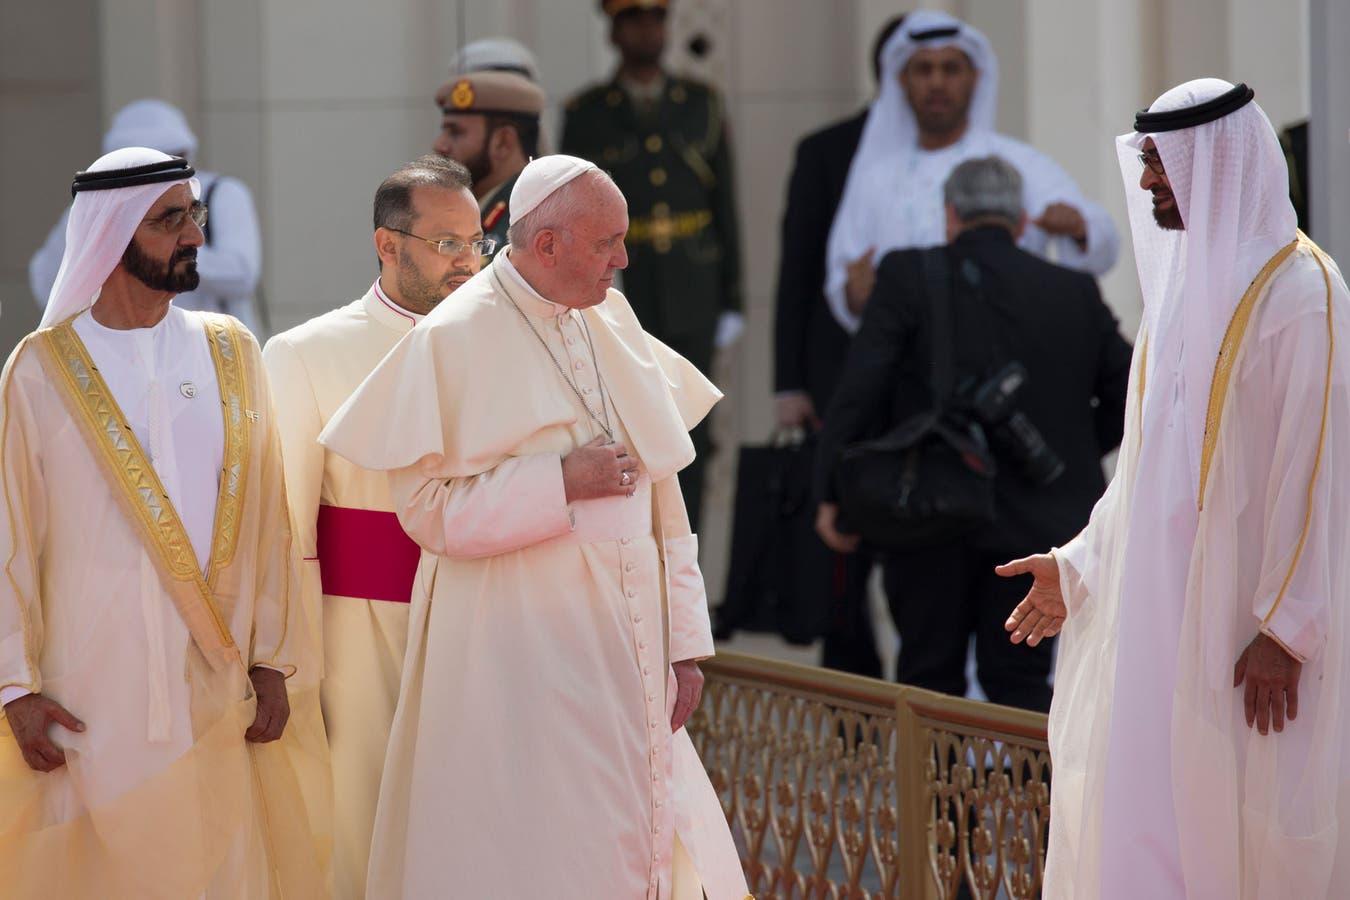 El Papa Francisco es recibido por el gobernante de Dubai Sheikh Mohammed bin Rashid Al-Maktoum y el Príncipe heredero de Abu Dhabi Mohammed bin Zayed al-Nahyan.